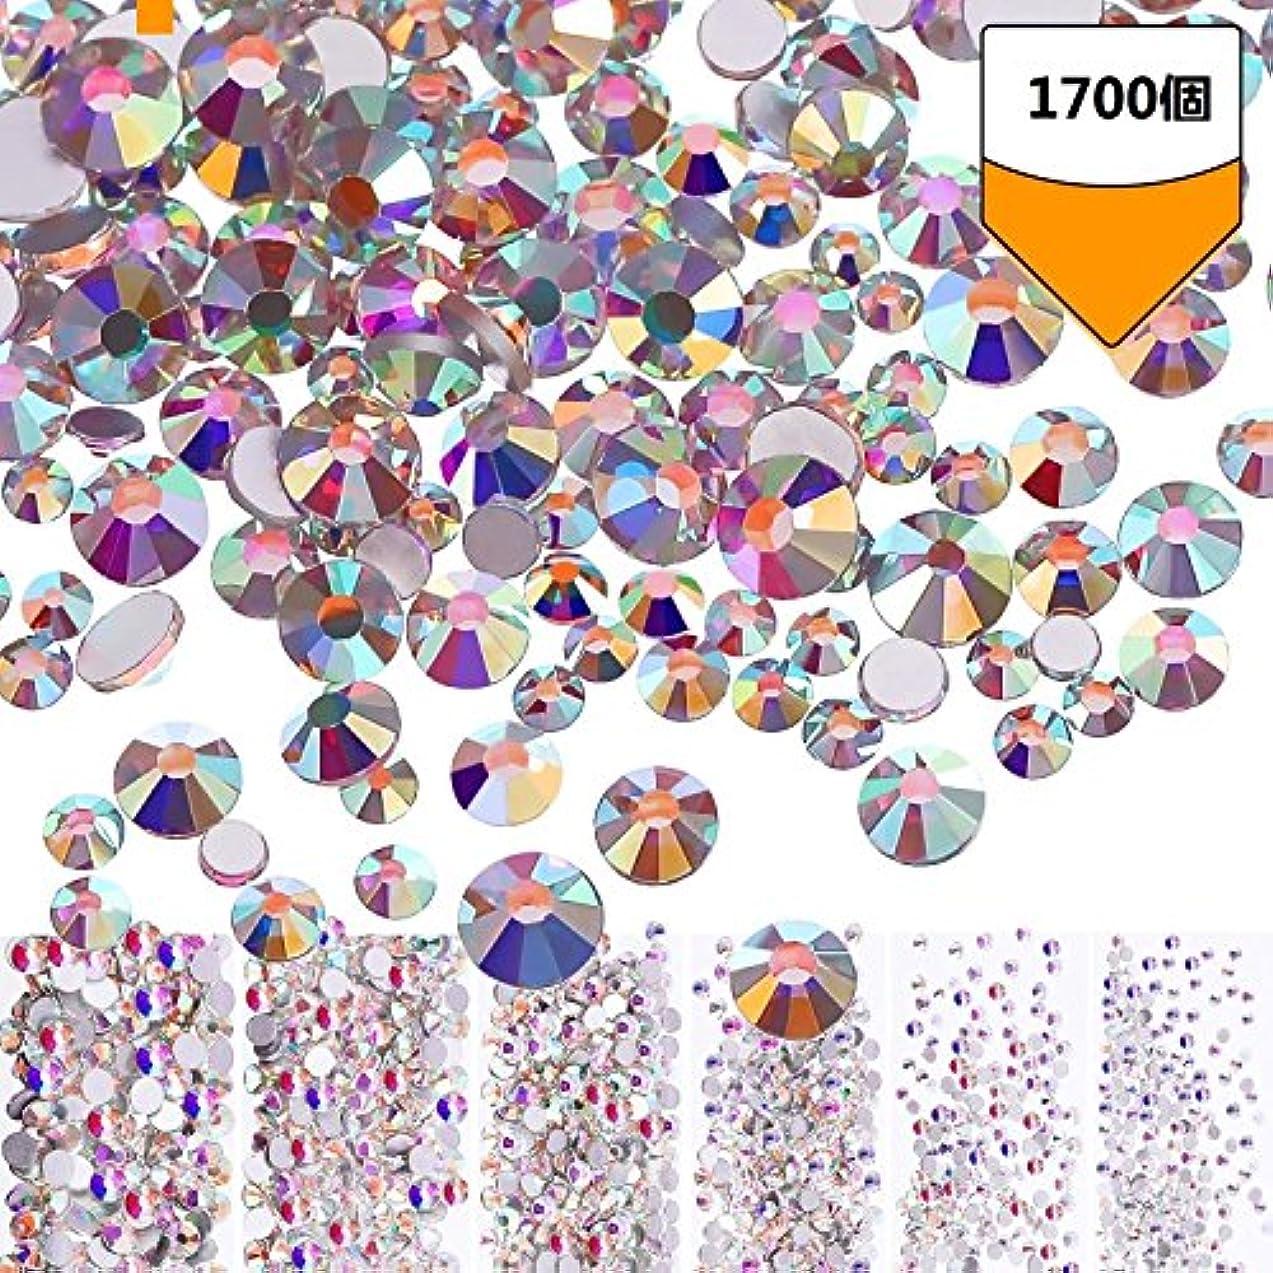 針誕生許容ラインストーン ネイル デコ ガラスストーン クリスタル 改良 高品質ガラス製ラインストーン(1.6mm-3mm 約1700粒)